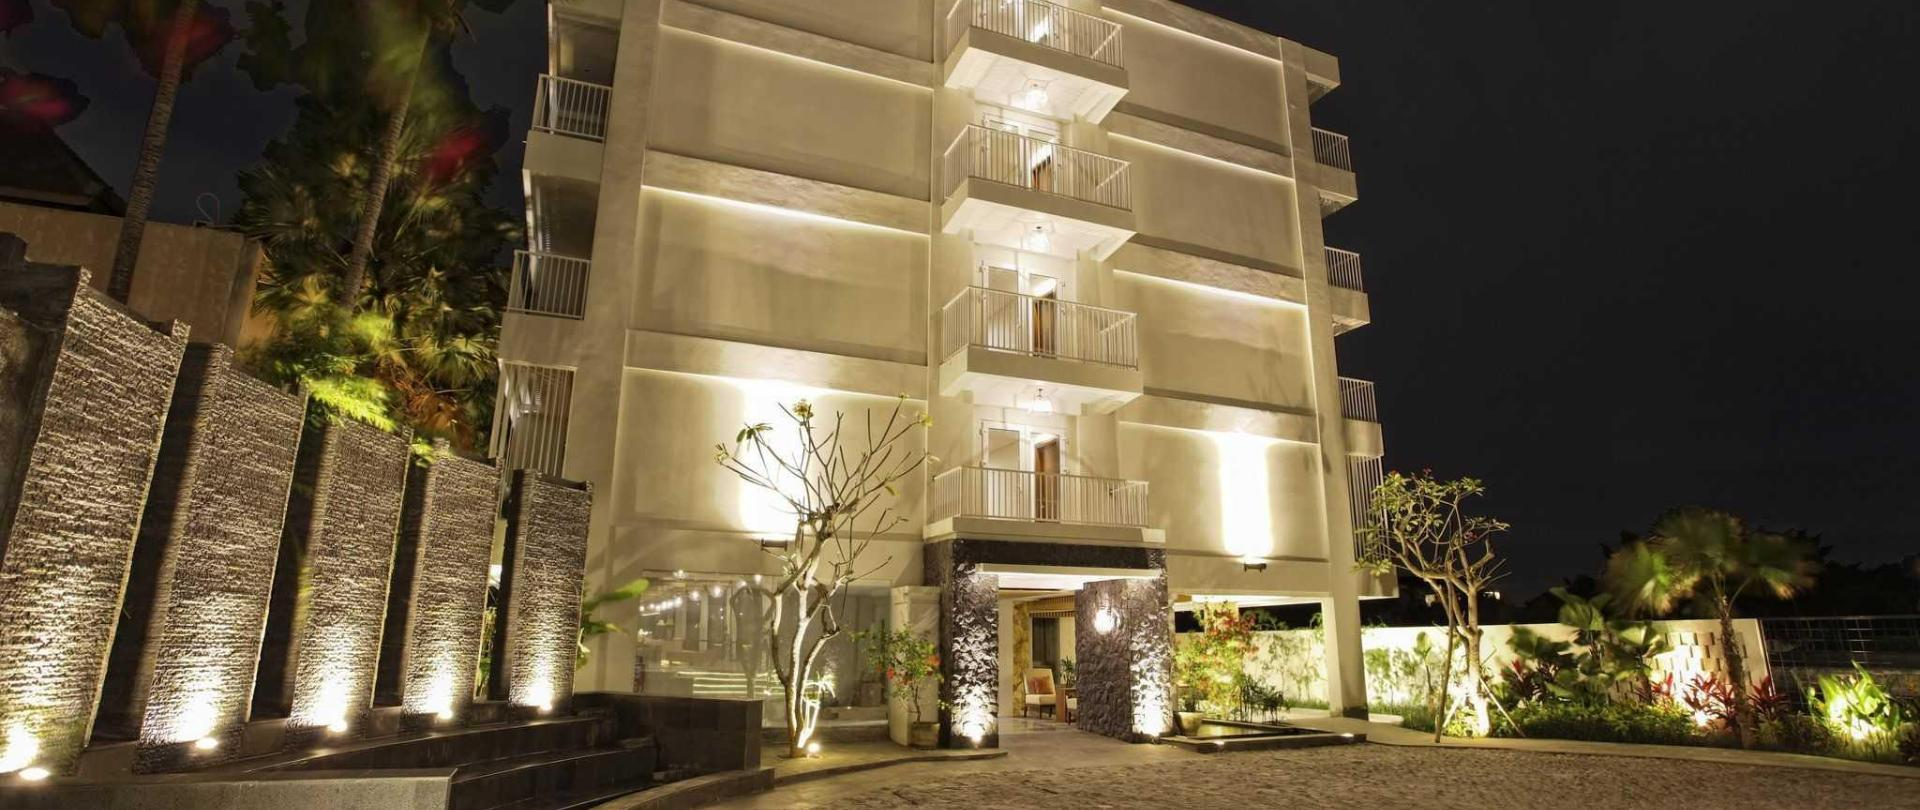 hotel-exterior-inside.jpg